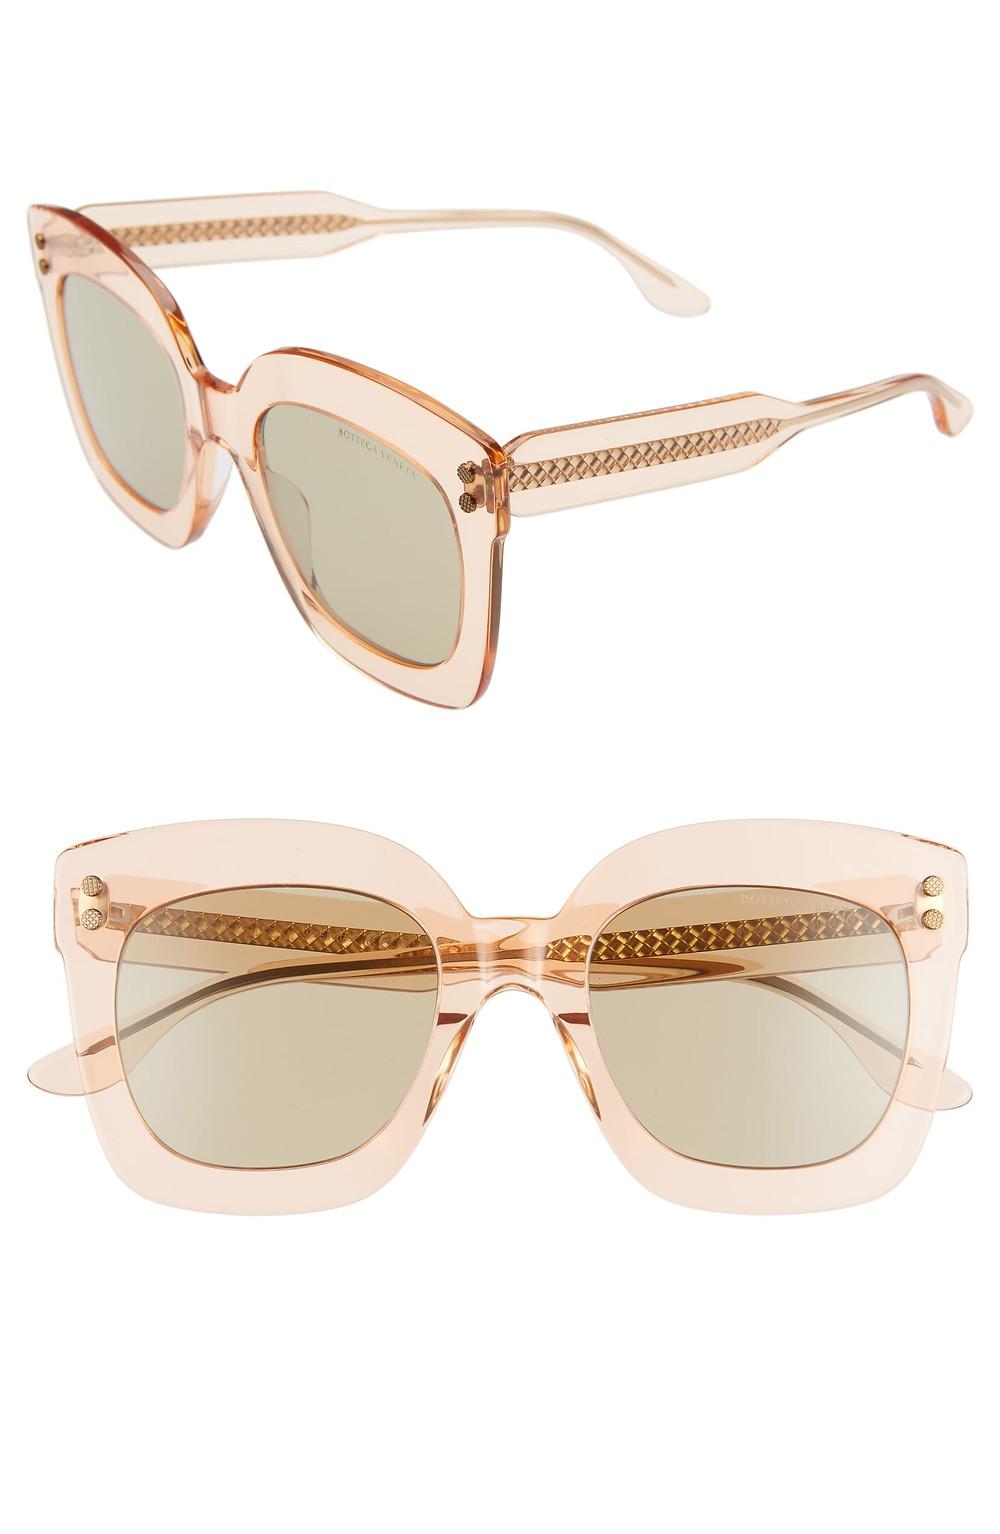 51mm Gradient Square Sunglasses BOTTEGA VENETA